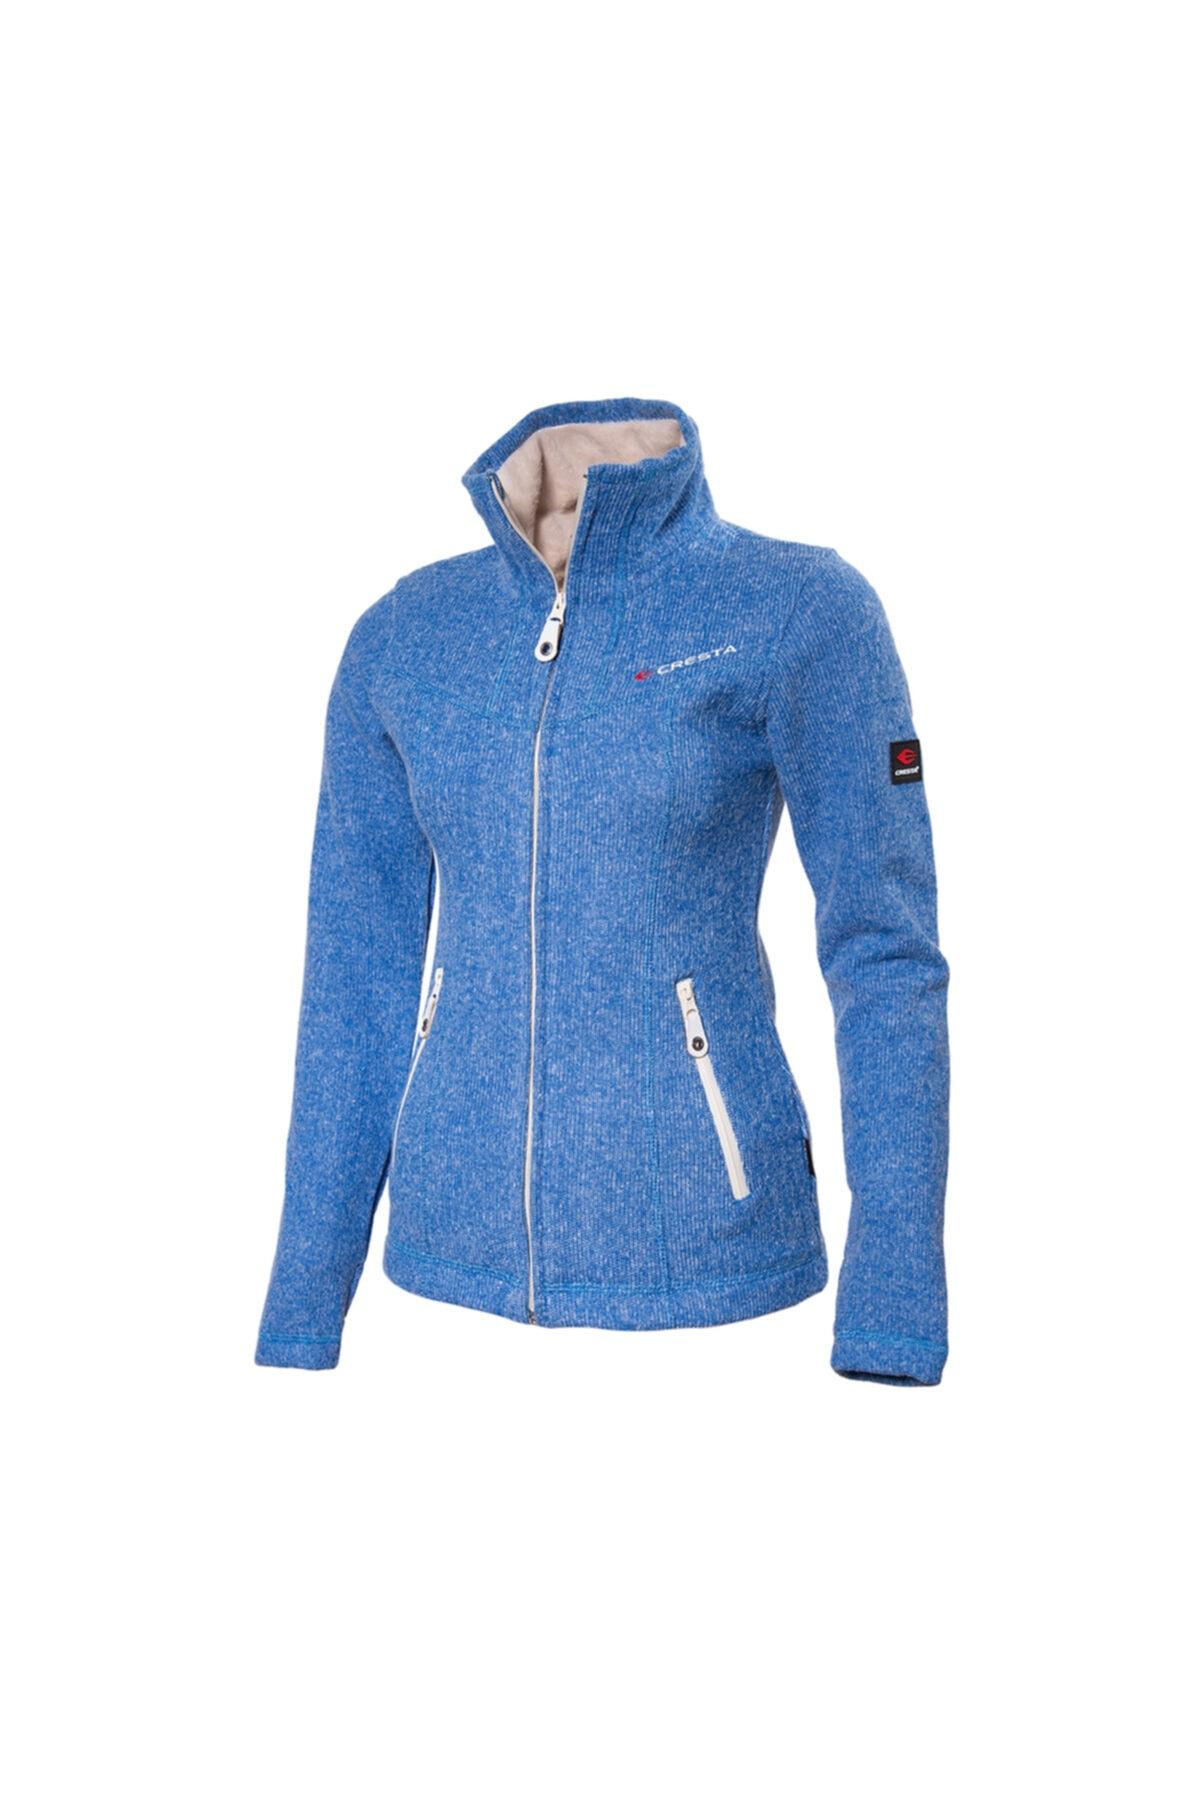 Cresta Outdoor Kadın Fermuarlı Ceket 1